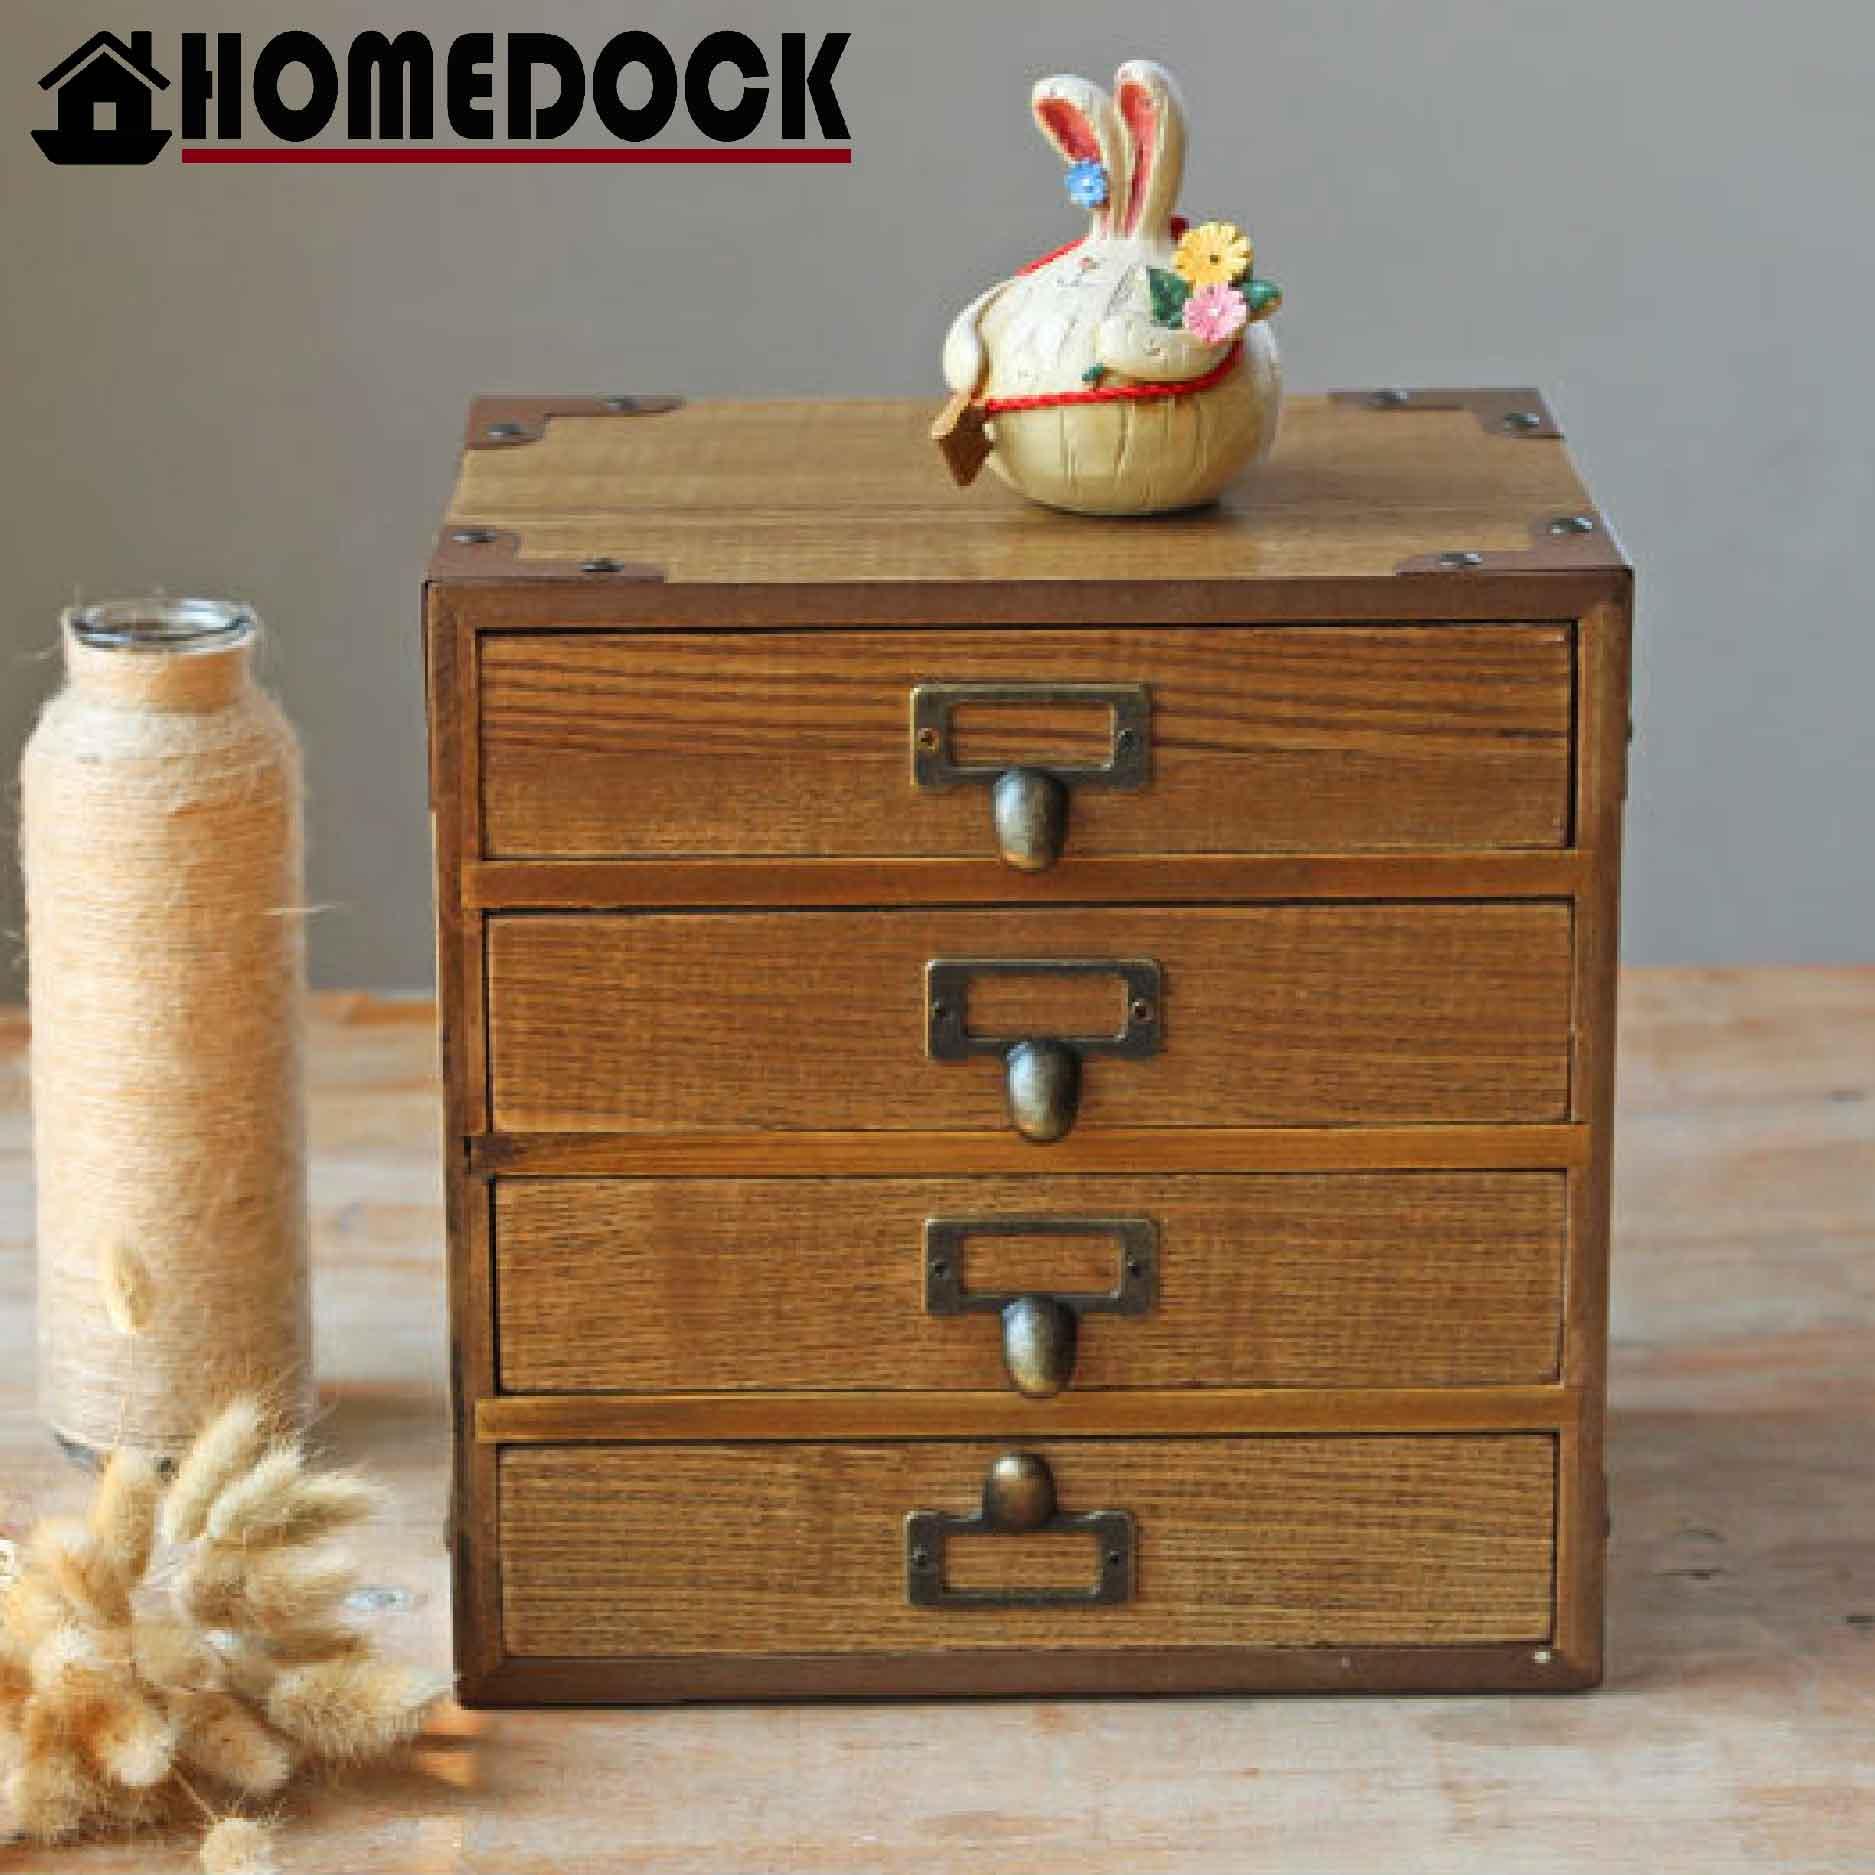 HOMEDOCK-原木質感復古四層收納櫃 zakka/三層櫃/木櫃/置物櫃/原木製/層格櫃/木盒